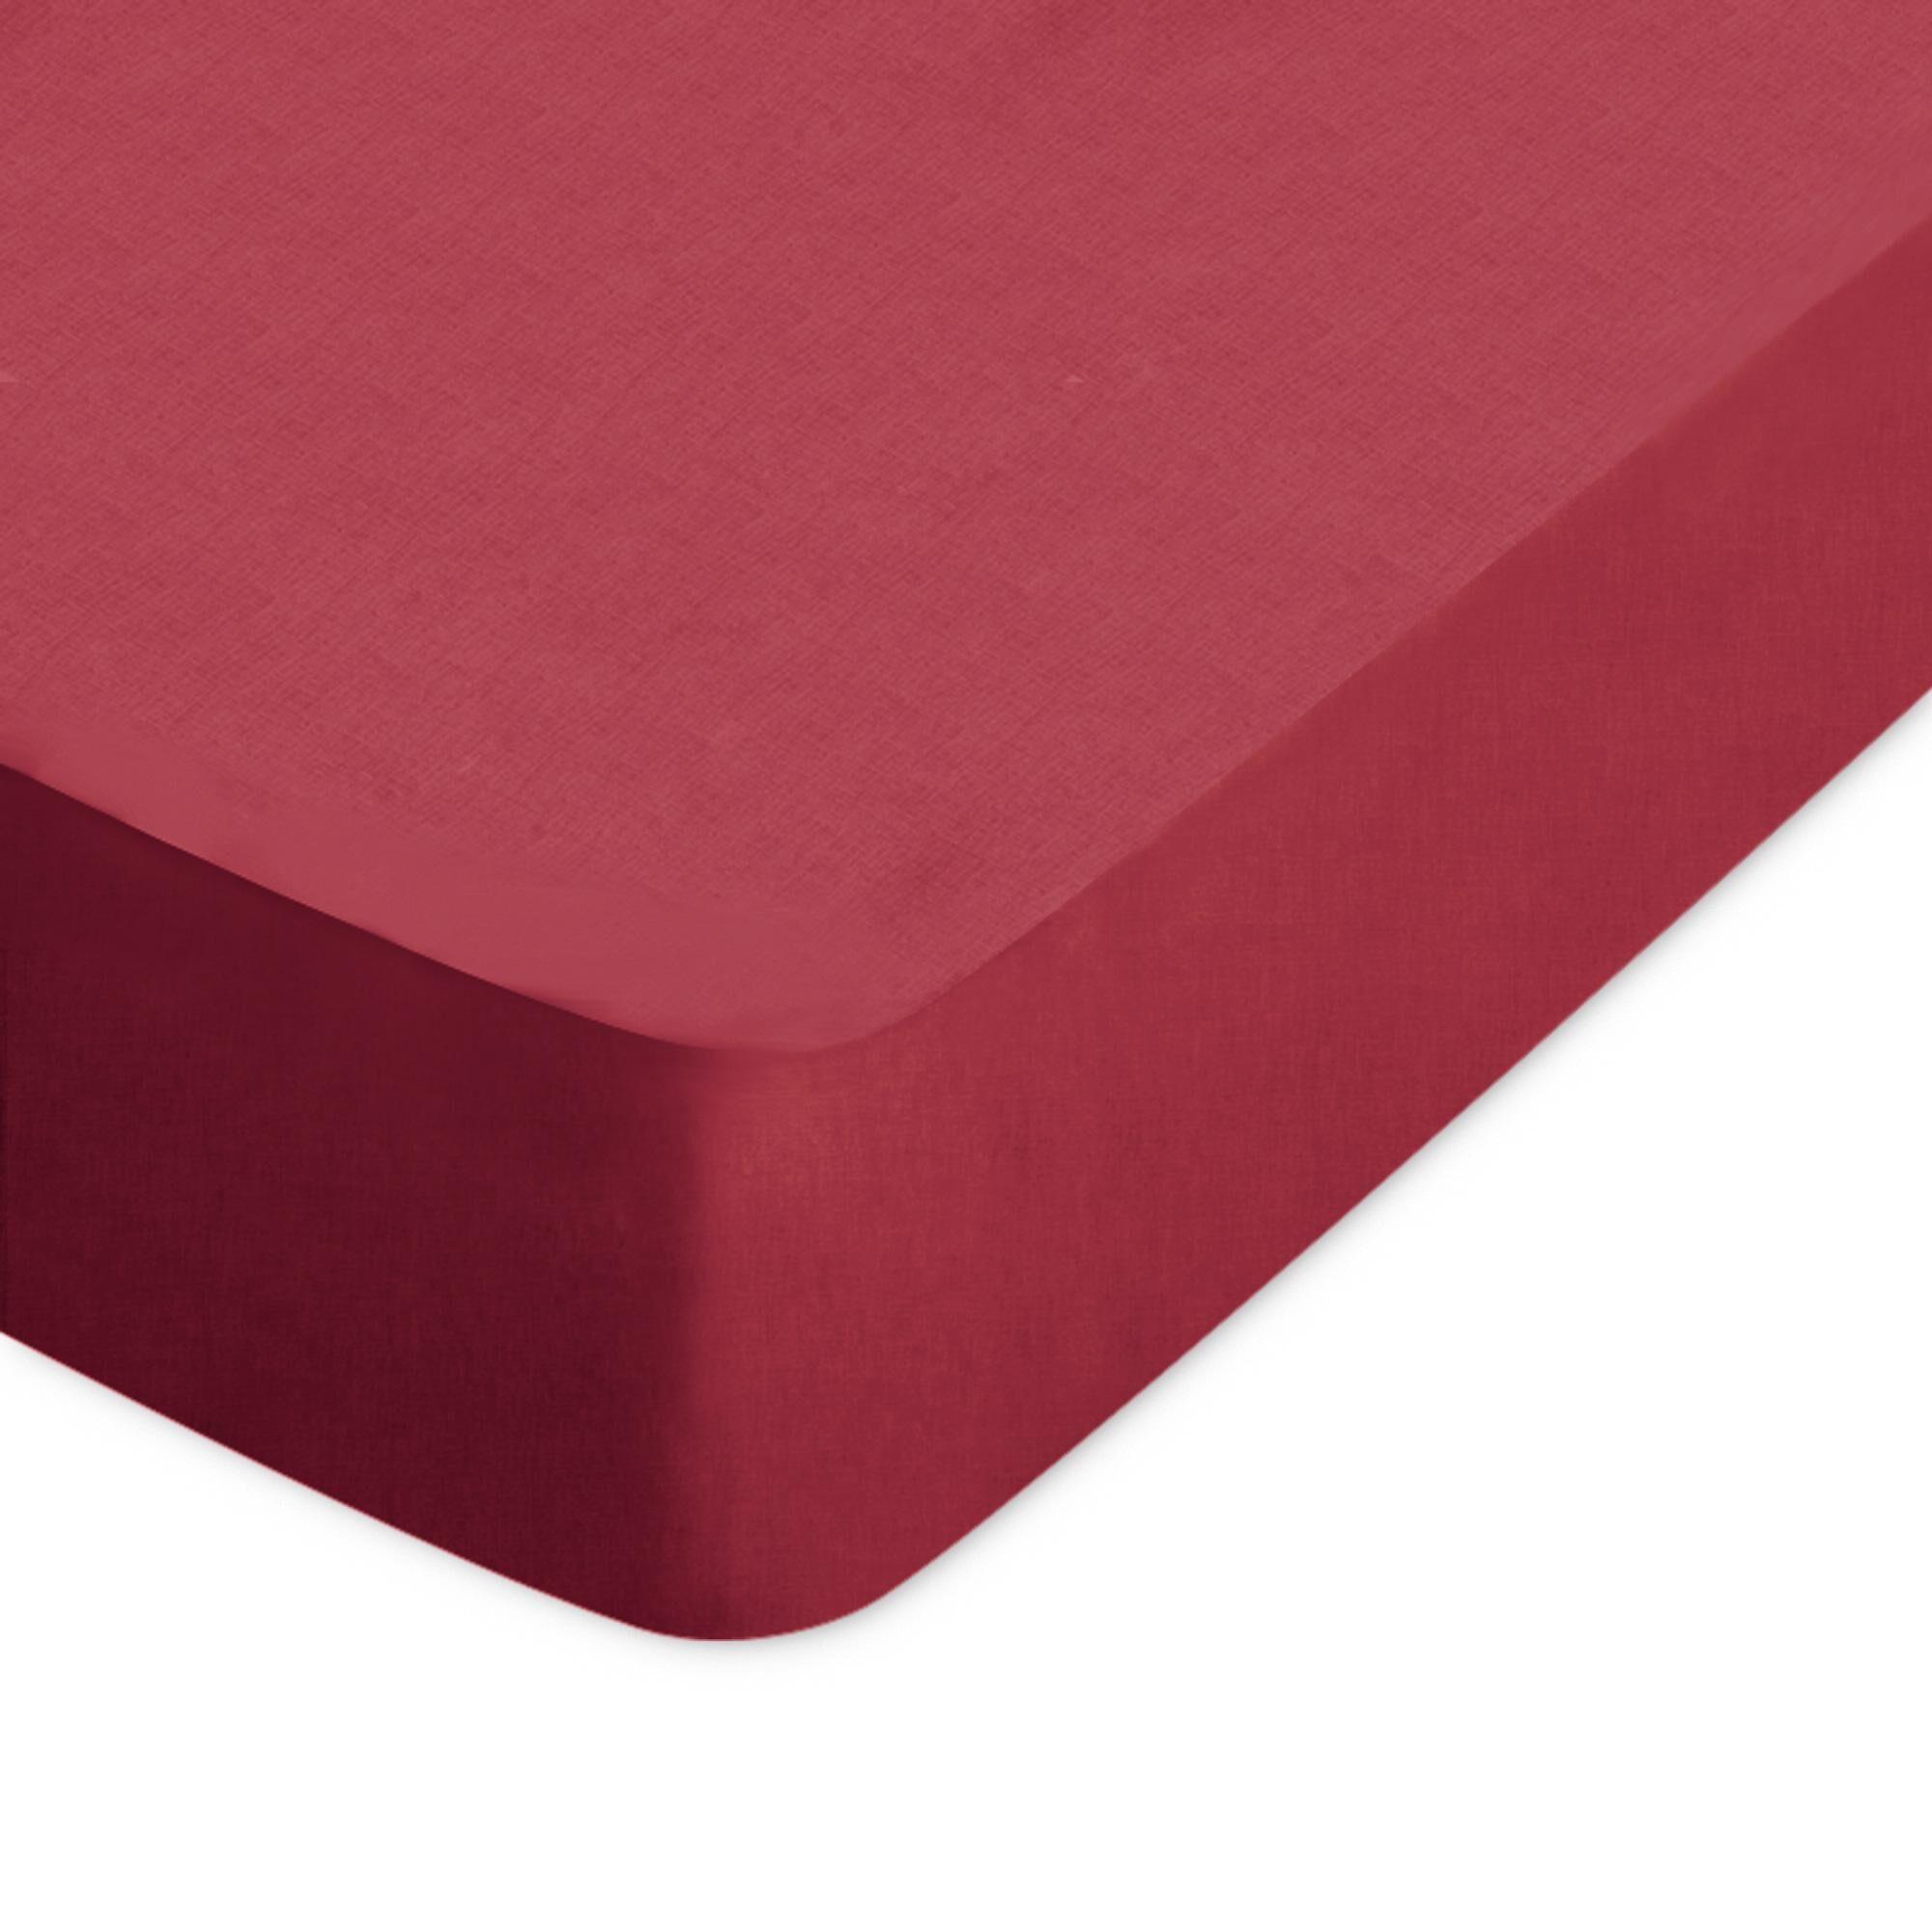 Linnea Drap housse uni 60x120 cm 100% coton ALTO Garance